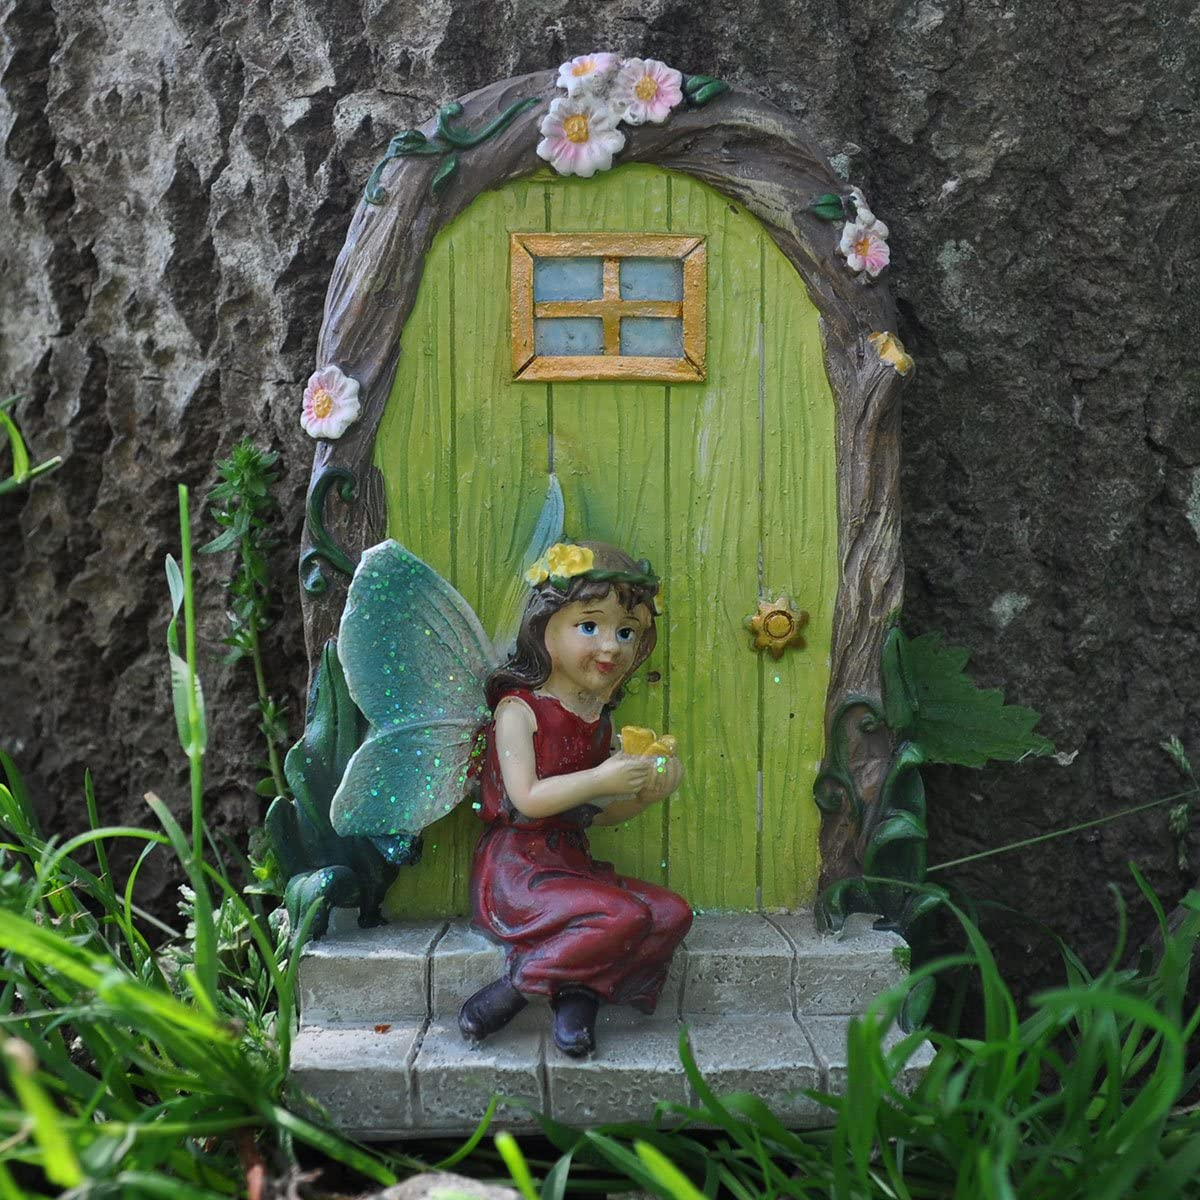 Medio vestito rosso Pixie H15 cm Prezents.com Fairy Garden UK Fairy Girl Butterfly /& Door Tree Garden Home Decor Mini statuetta regalo eccentrico